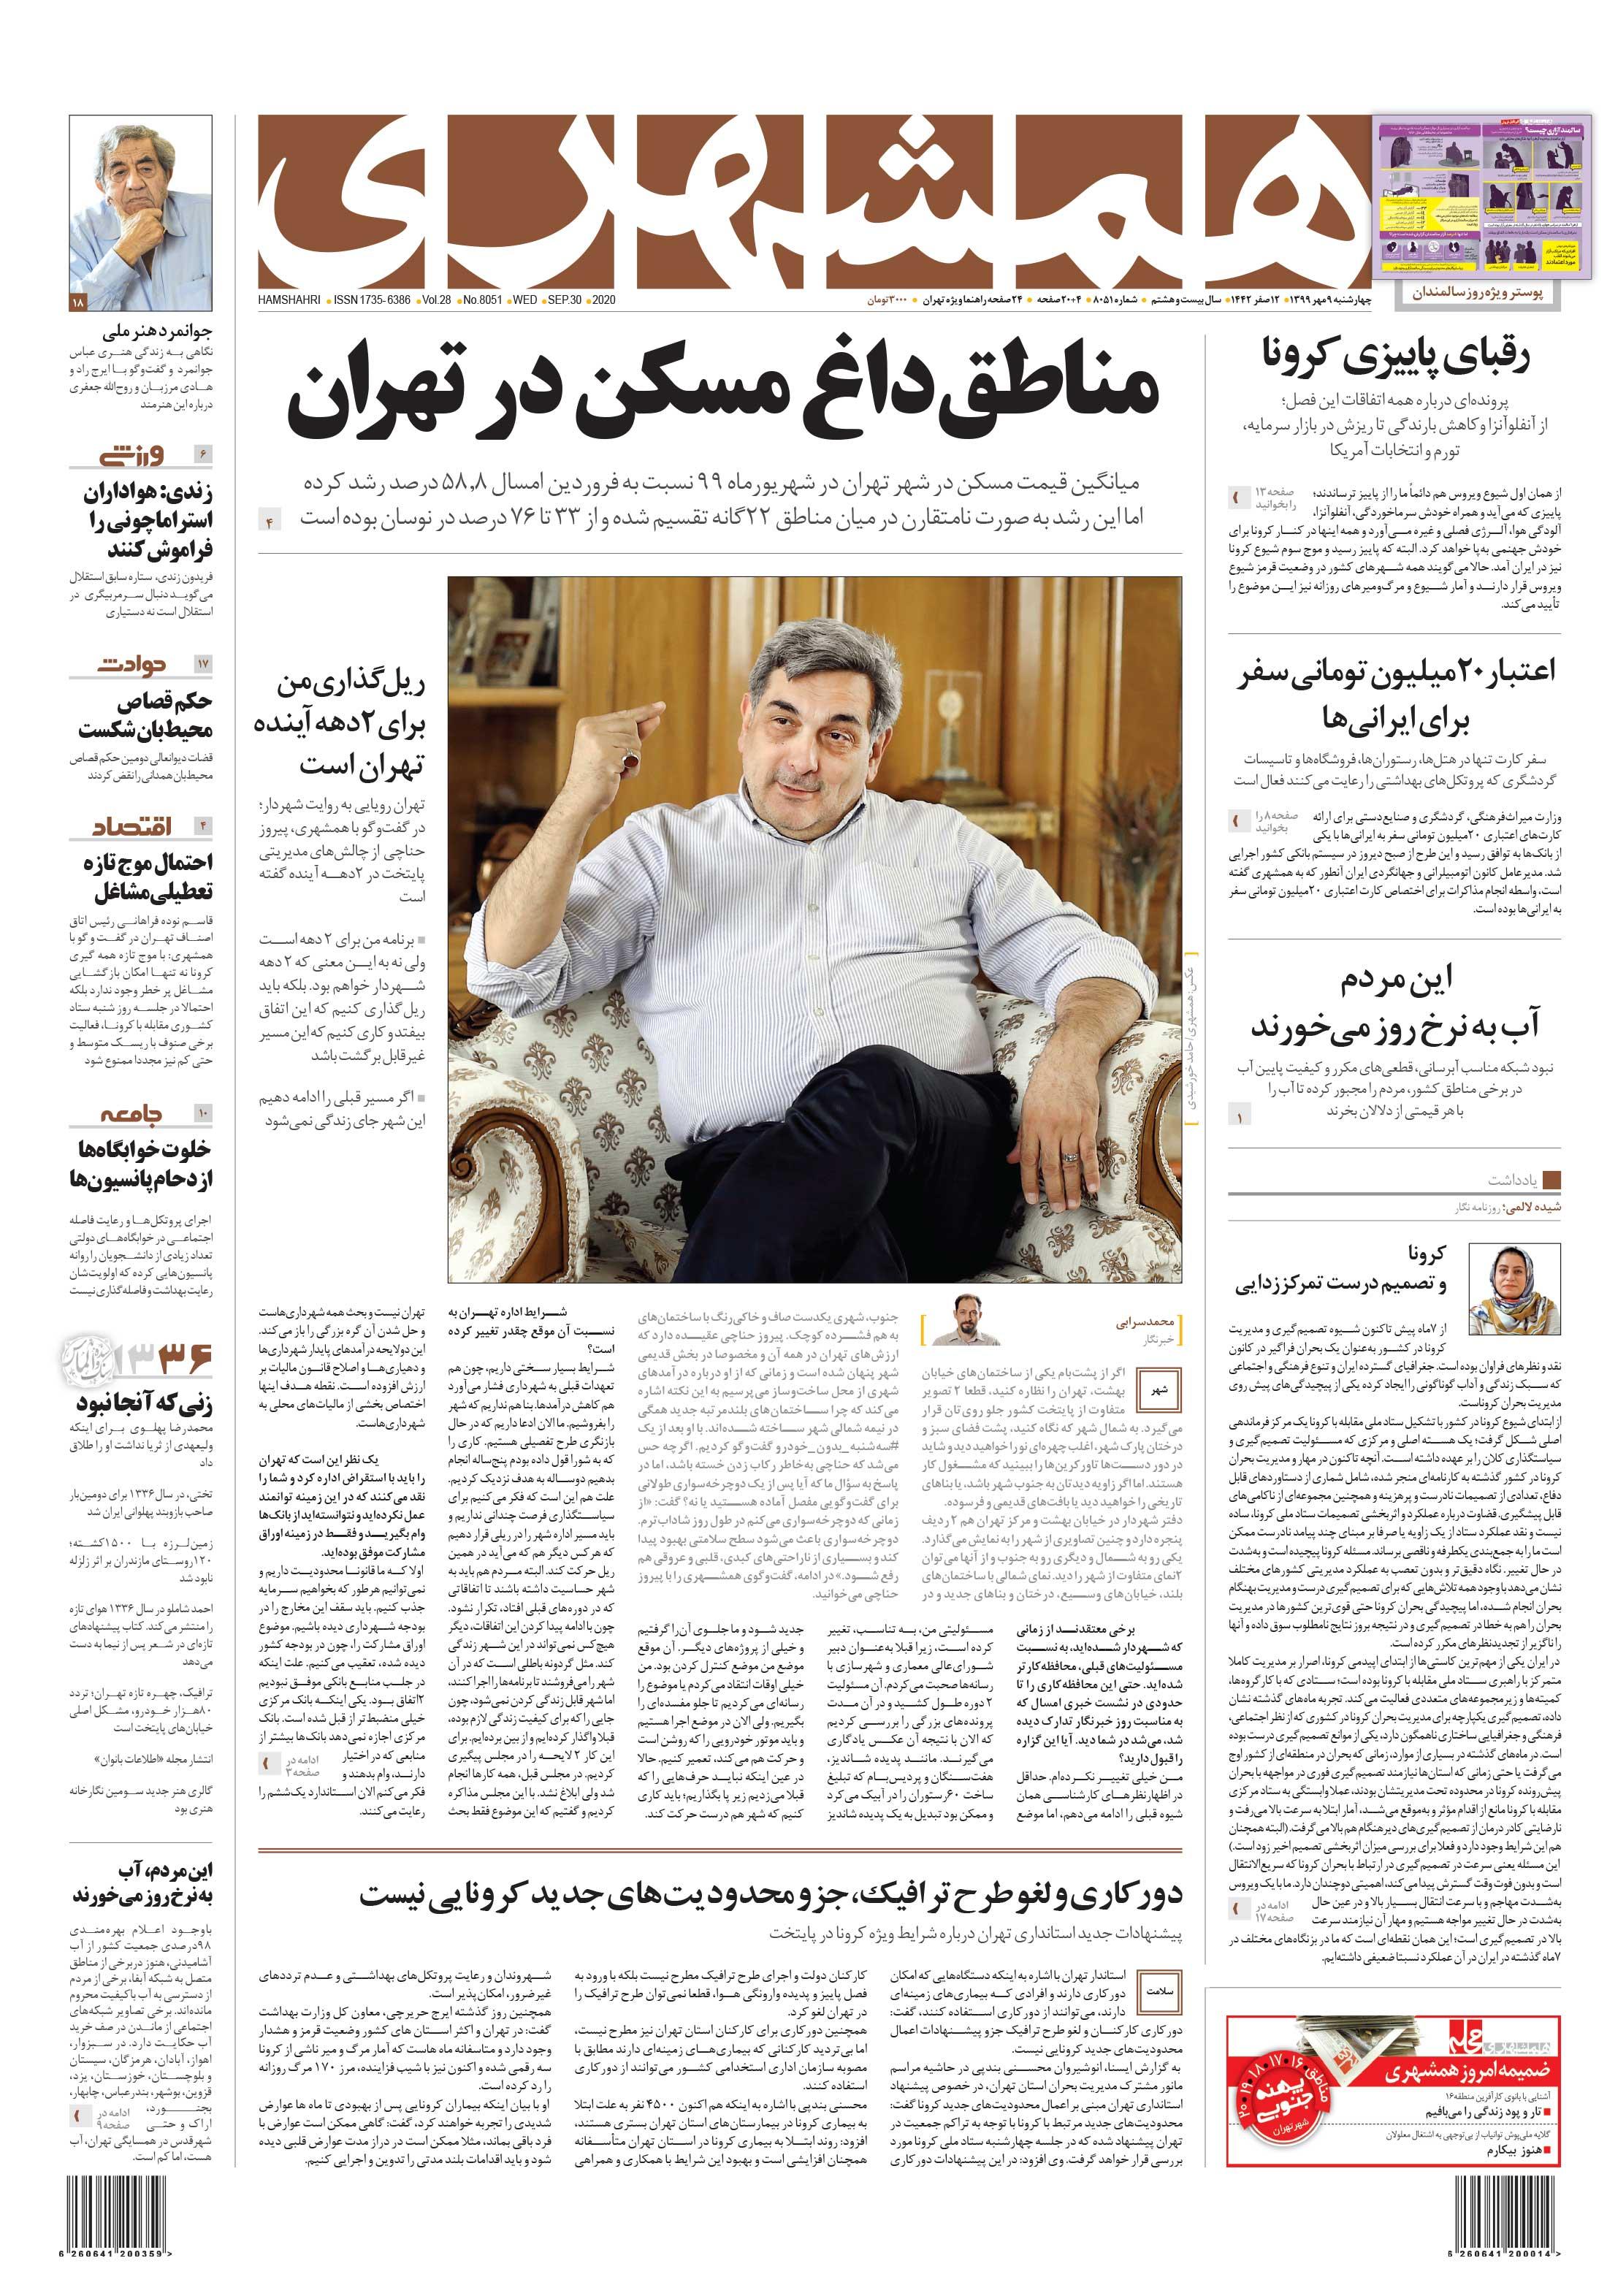 صفحه اول چهارشنبه 9 مهر 1399